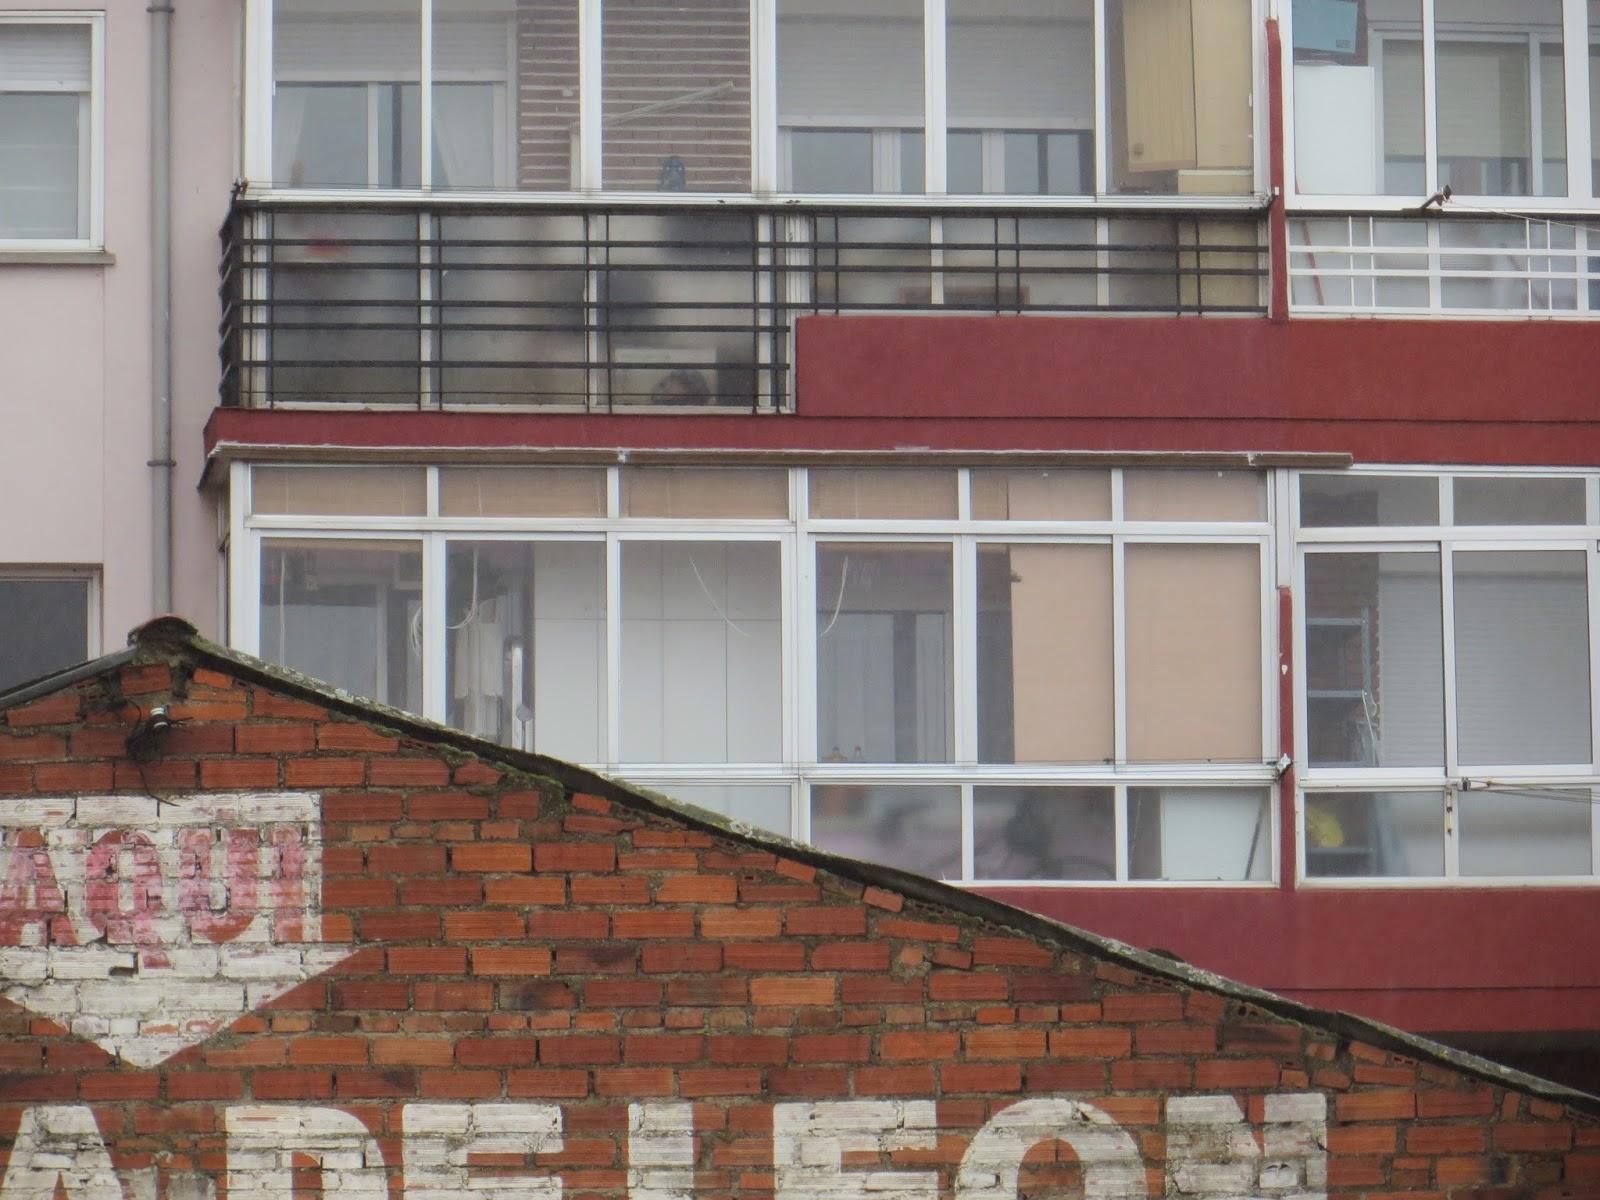 Realizamos reparaciones en cerramientos de terrazas, para solucionar las Humedades en León Te muestro en estas imagenes una reparacion, de cerramientos de terrazas para la solucion humedades y filtraciones, realizada en León. Tlf.618848709-987846623.